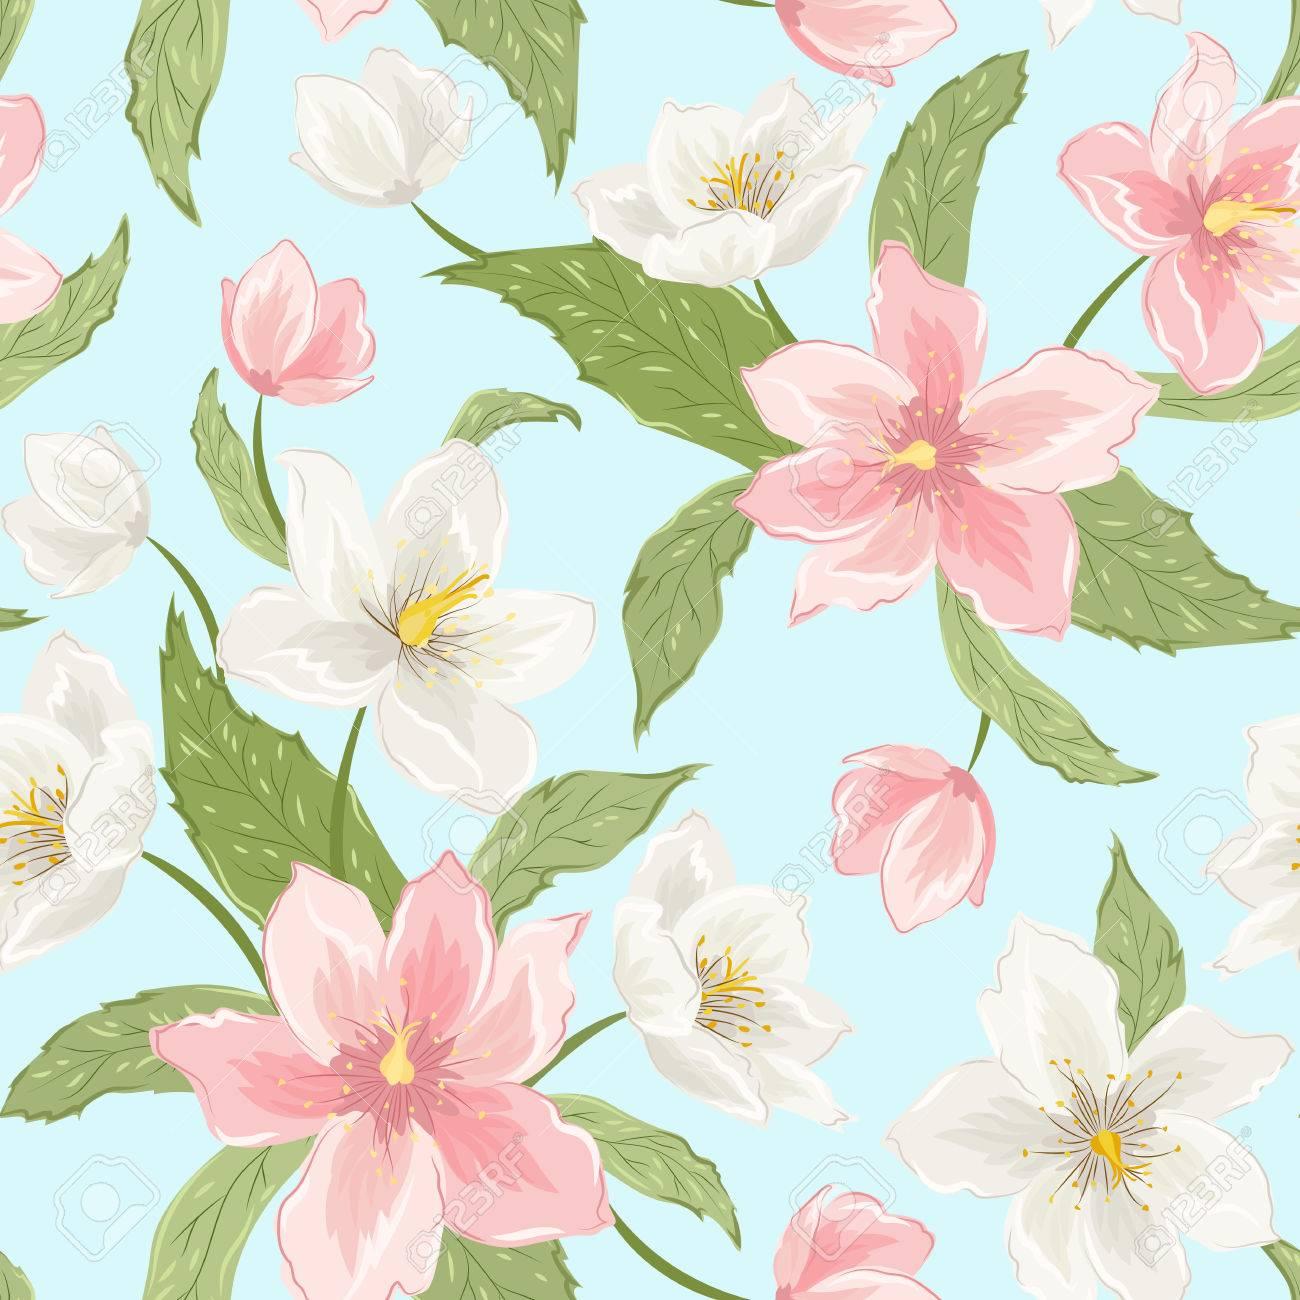 Sakura Magnolie Nieswurz Blumen Nahtlose Muster. Weihnachten Winter ...